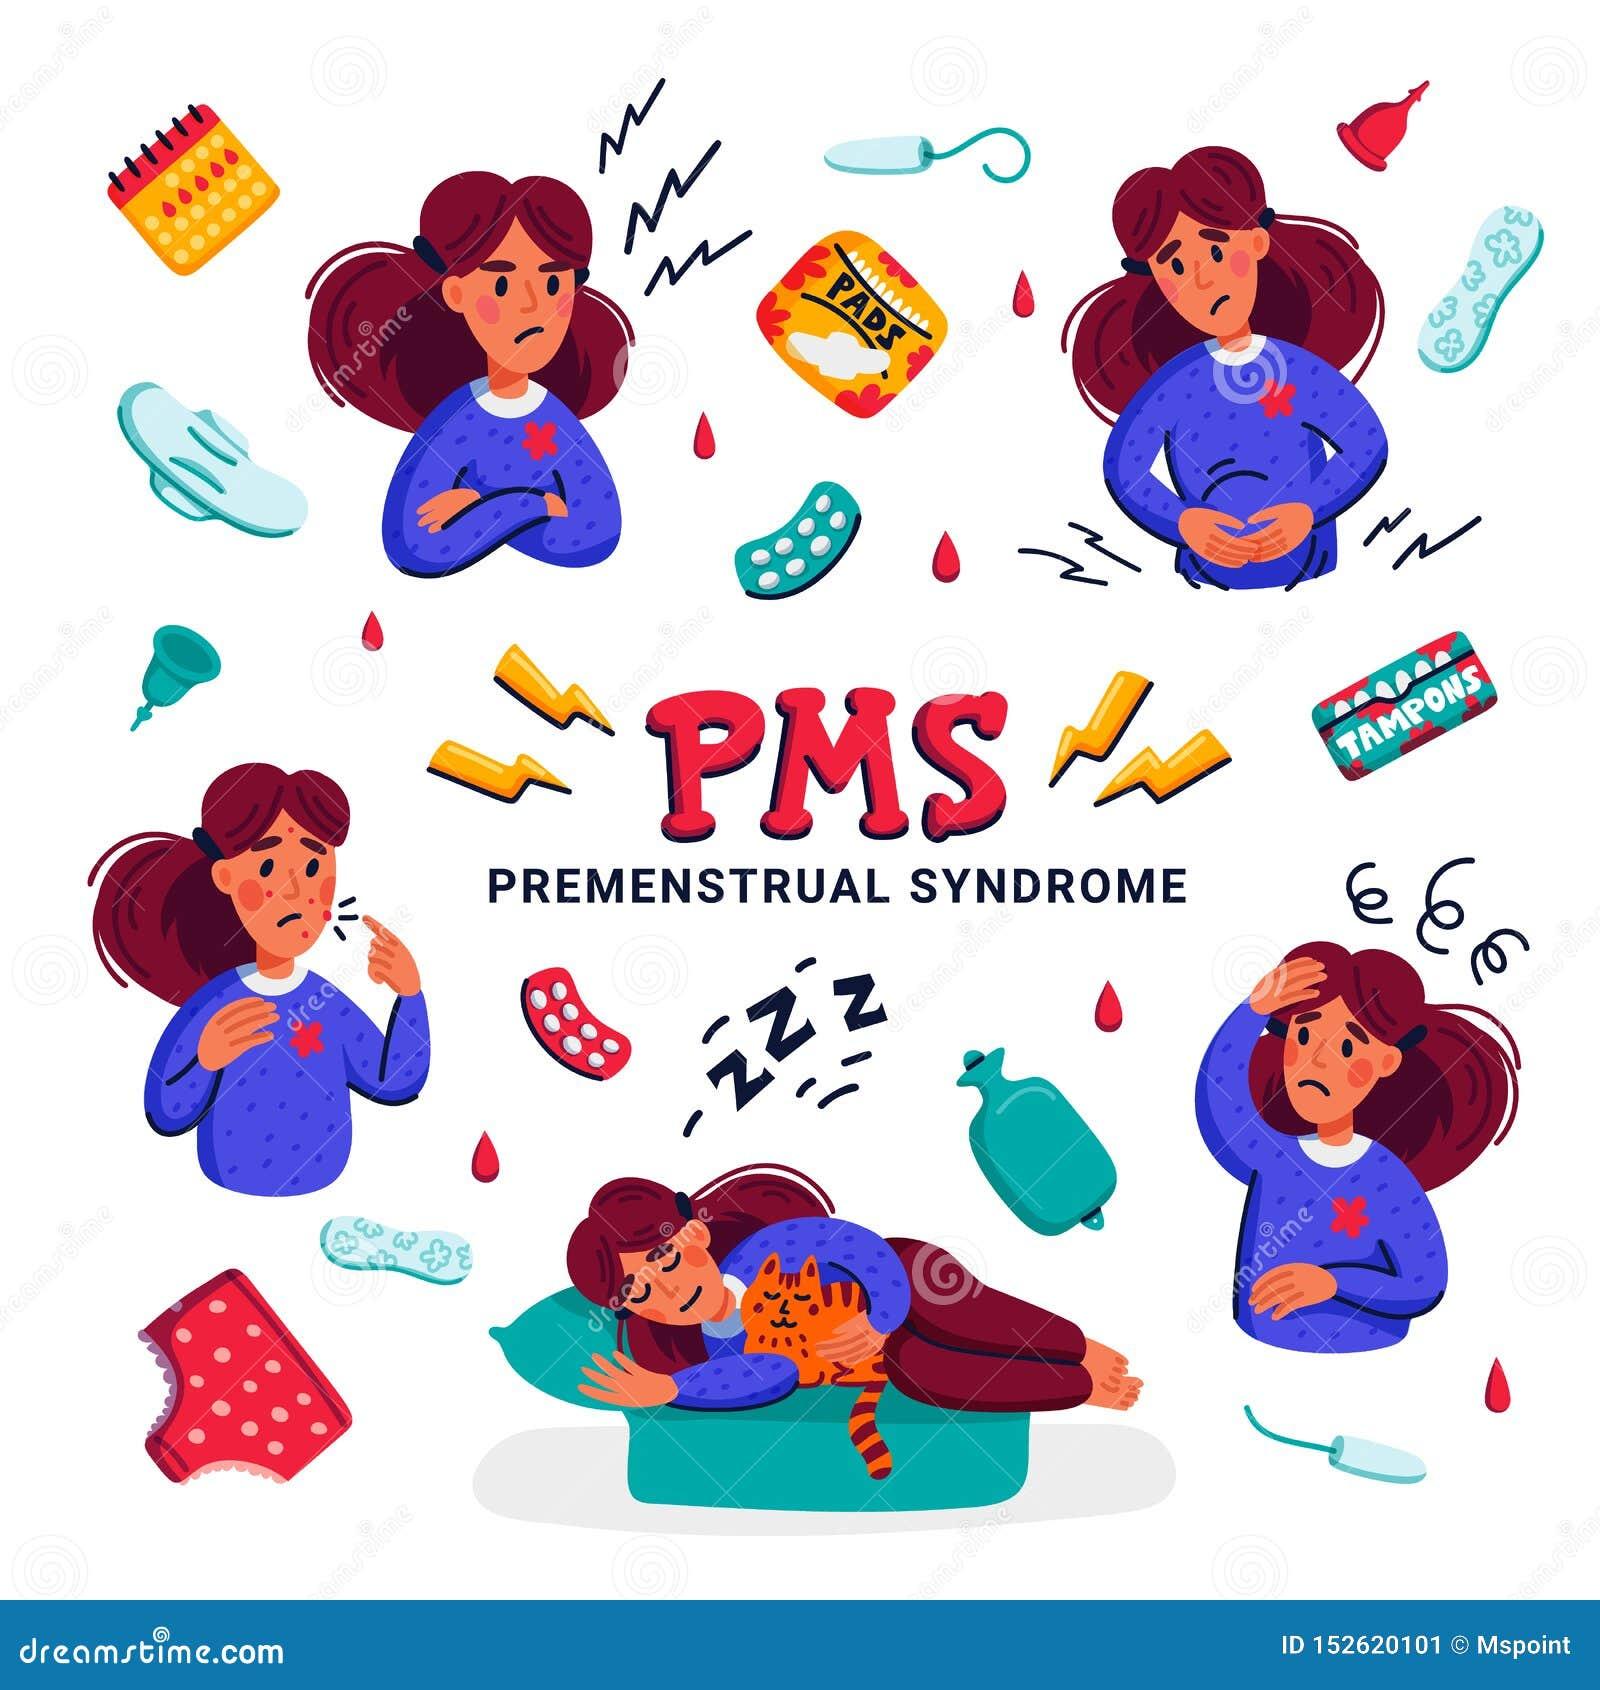 症状 pms